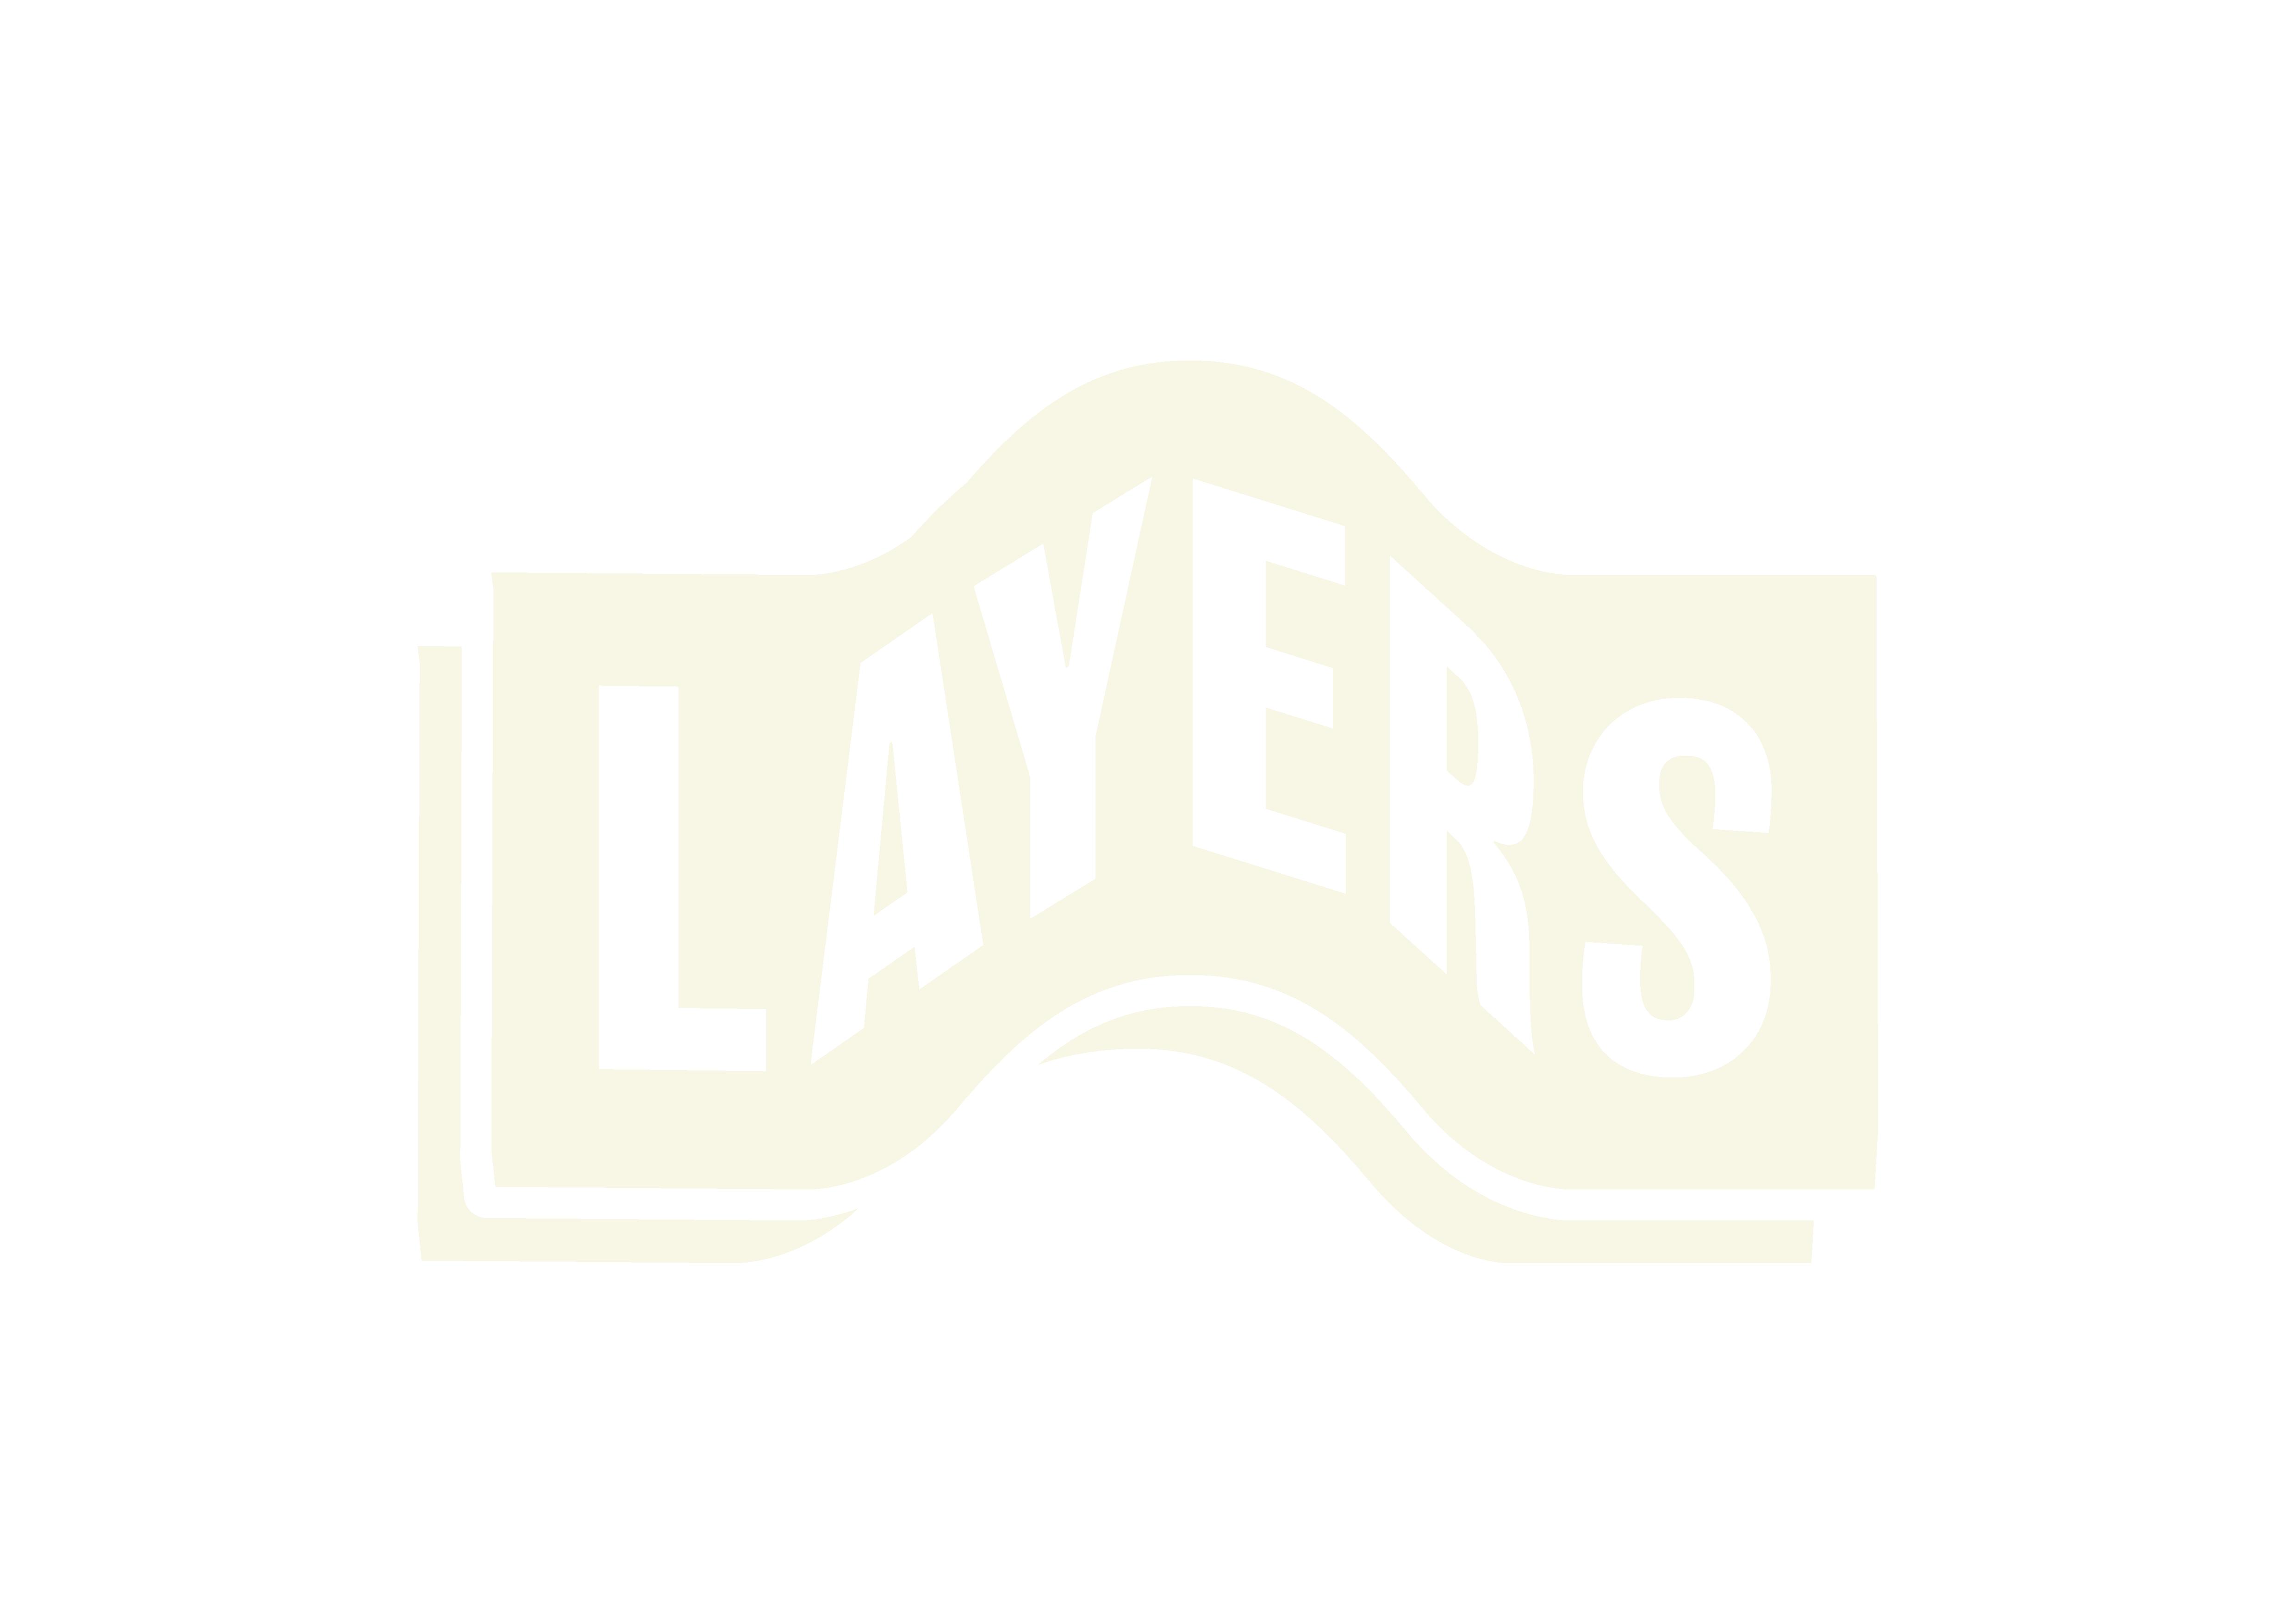 Layersfood